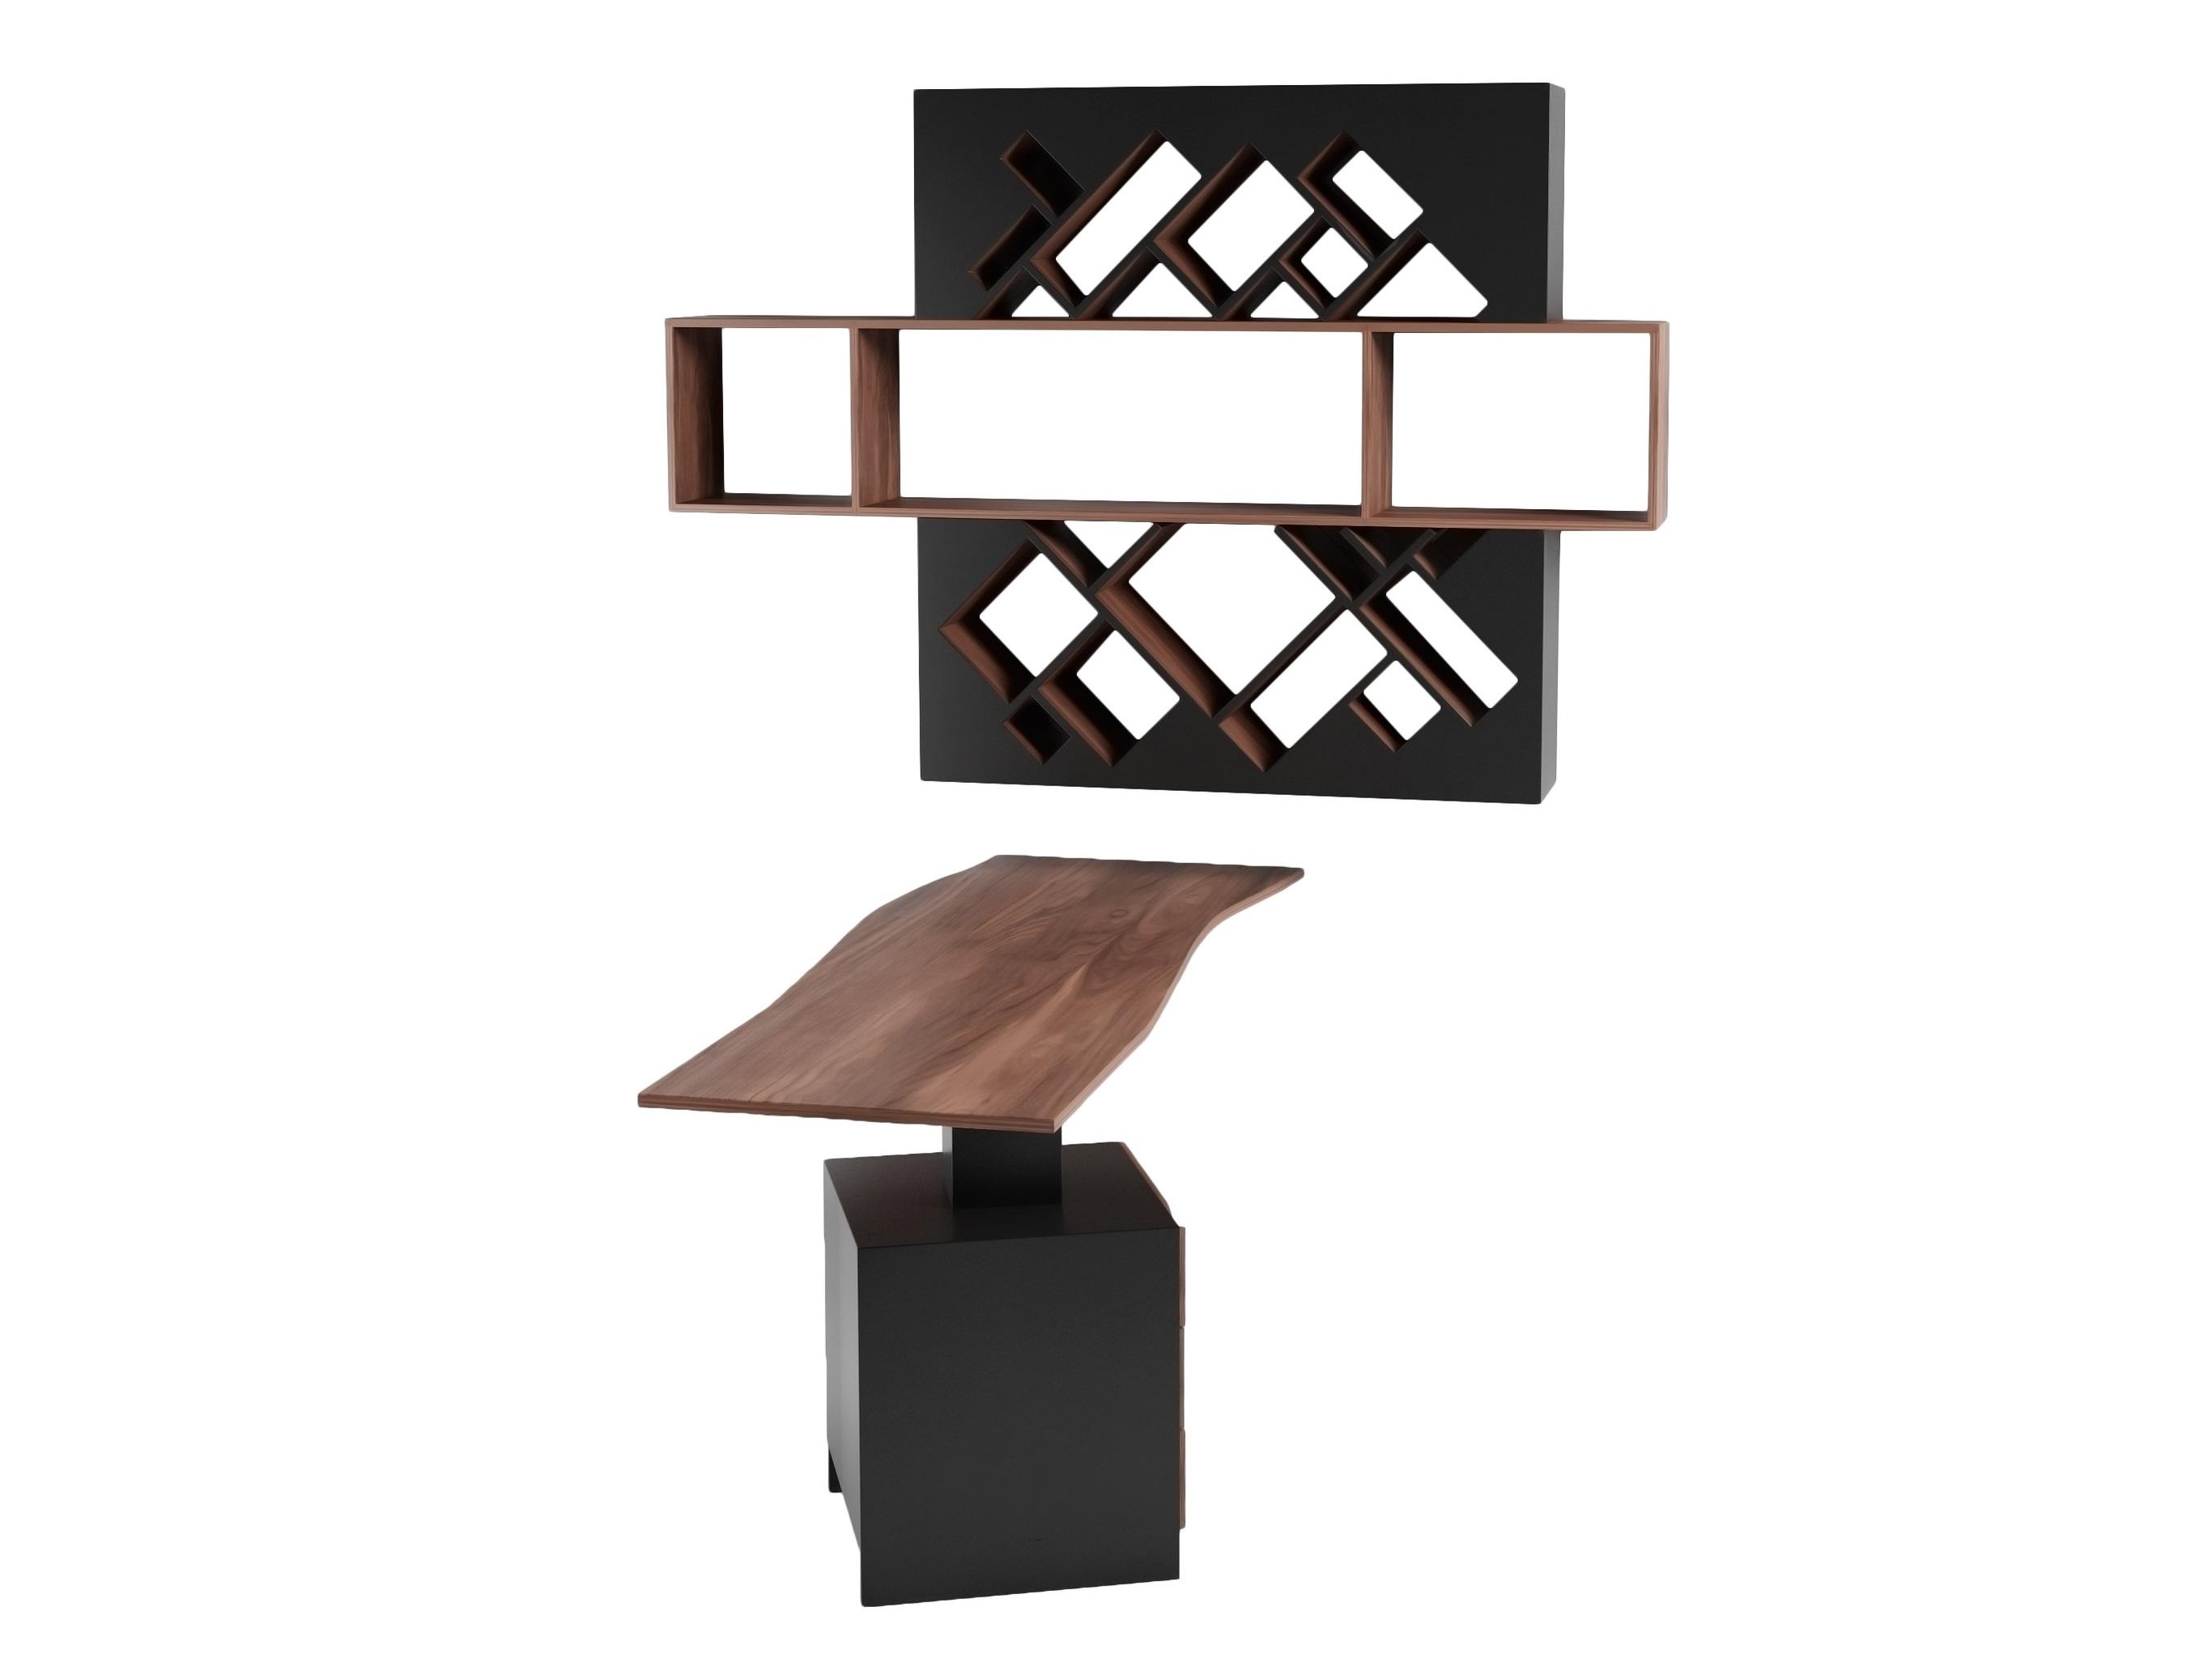 Рабочее место Геометрия ВолнаПисьменные столы<br>Дизайнерское оригинальное рабочее место, состоит из стола с анатомической функциональной столешницей и креативной полки-стеллажа&amp;amp;nbsp;&amp;lt;div&amp;gt;&amp;lt;br&amp;gt;&amp;lt;/div&amp;gt;&amp;lt;div&amp;gt;Размеры: столешница 180x66x 75см,&amp;amp;nbsp;&amp;lt;/div&amp;gt;&amp;lt;div&amp;gt;полка 183x126x25см&amp;amp;nbsp;&amp;lt;/div&amp;gt;&amp;lt;div&amp;gt;Материал: МДФ, шпон&amp;lt;/div&amp;gt;<br><br>Material: МДФ<br>Width см: 183<br>Depth см: 24<br>Height см: 126